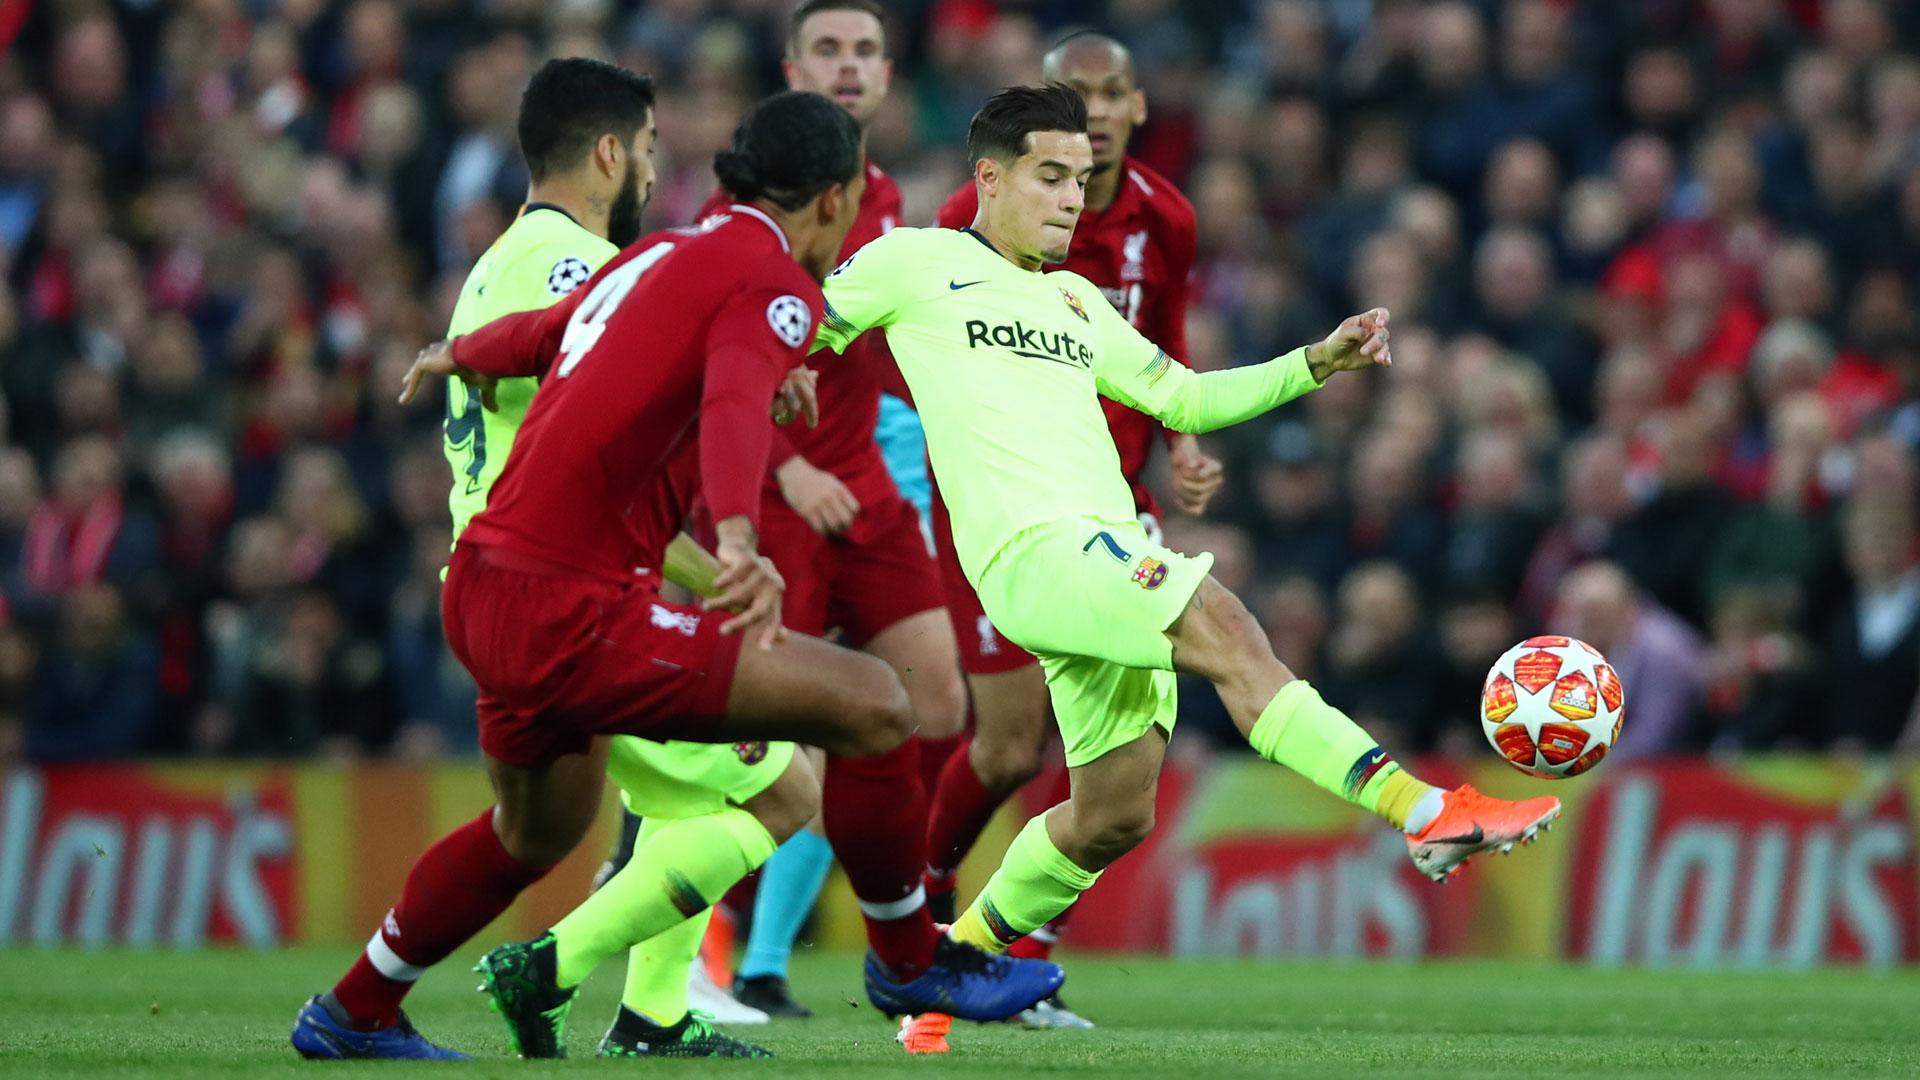 Thua Liverpool, Barca tìm cách bán đứt 'bom xịt' cho Man Utd - Bóng Đá